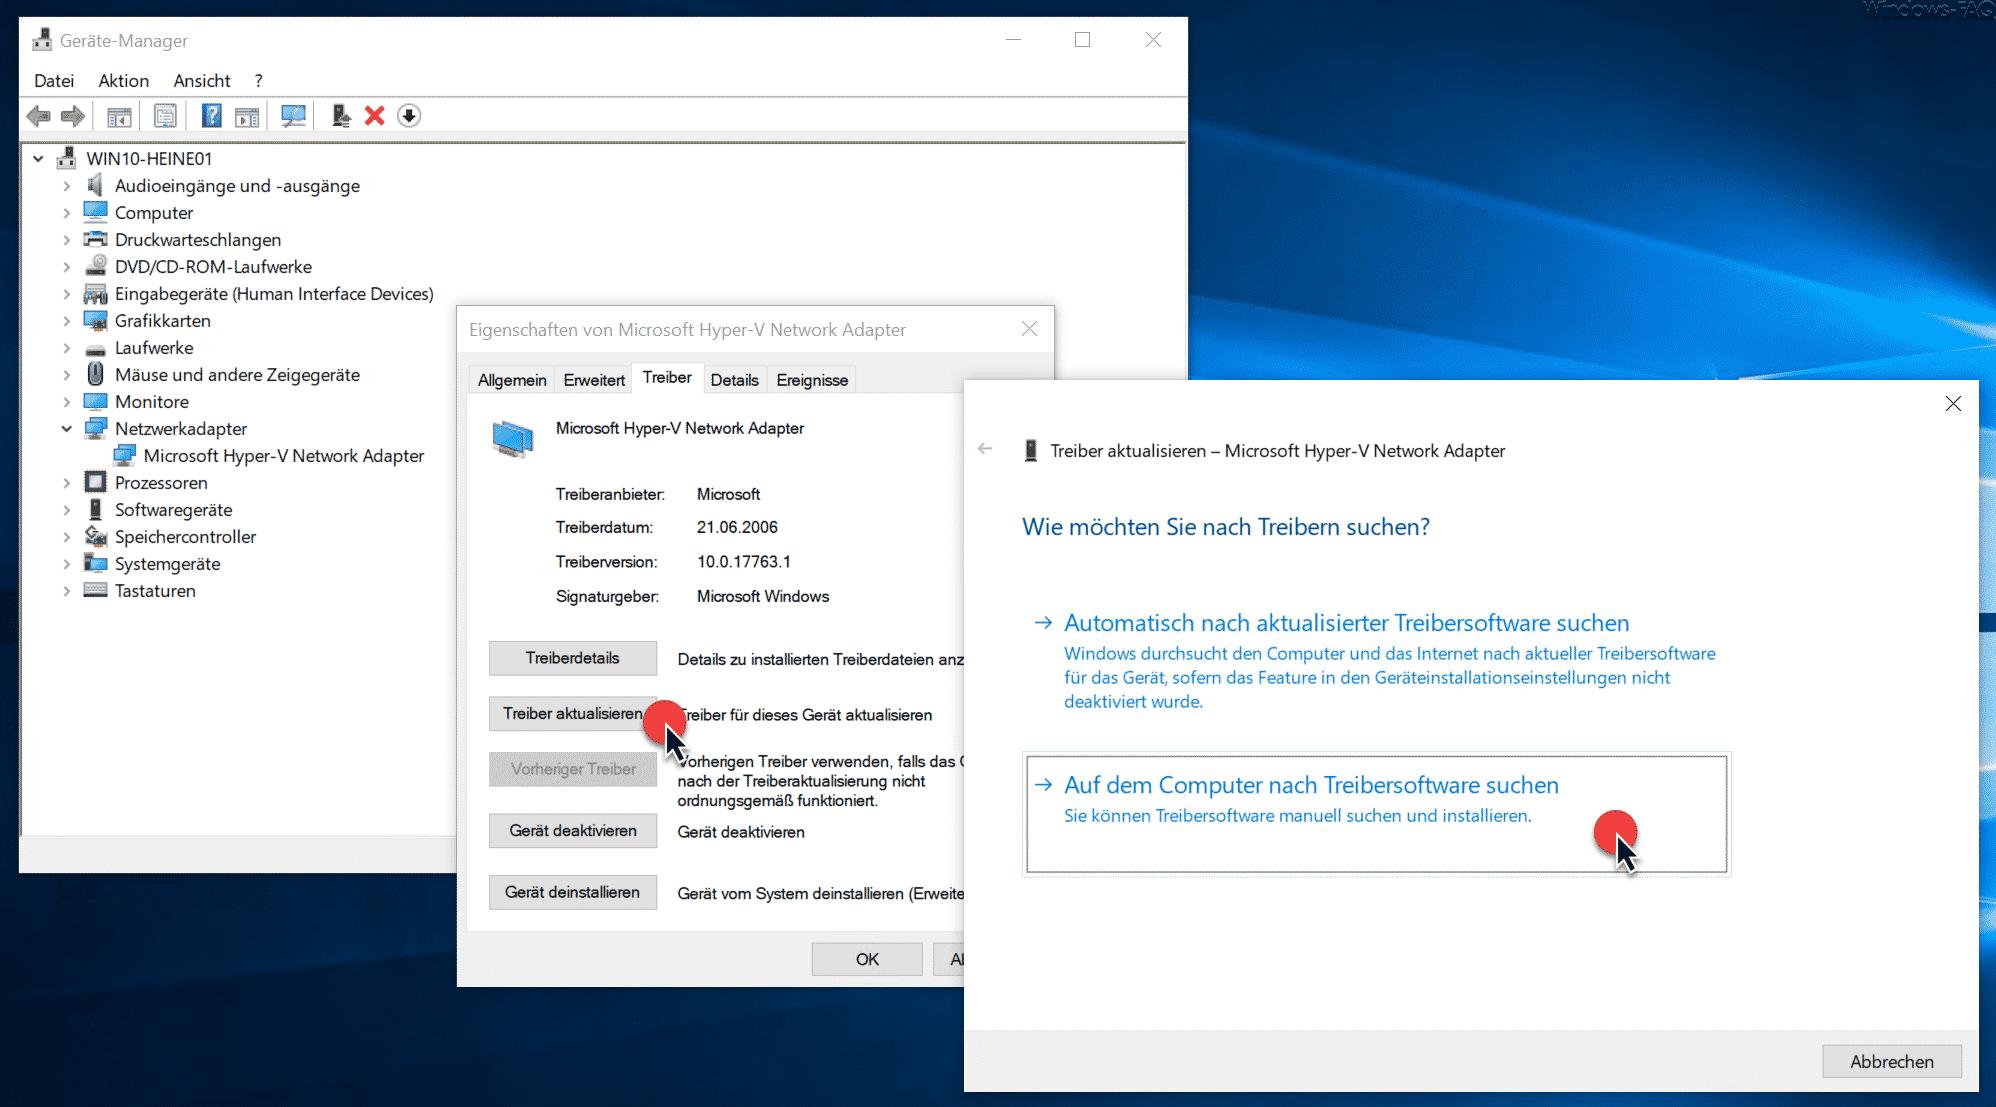 Auf dem Computer nach Treibersoftware suchen